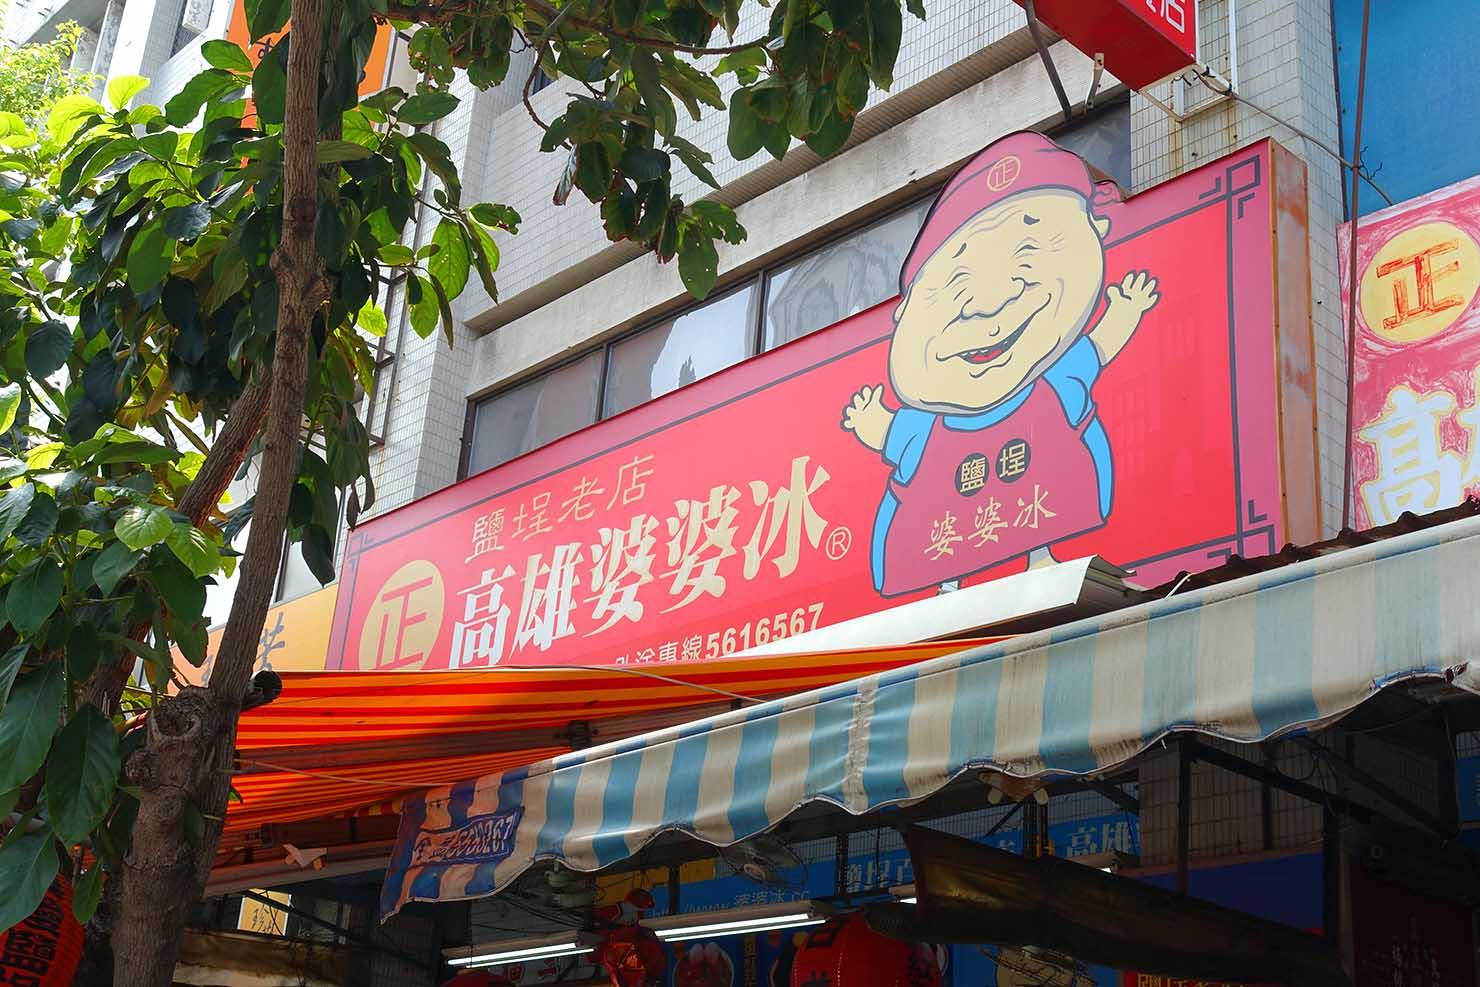 高雄の伝統台湾グルメエリア・鹽埕埔「高雄婆婆冰」の看板